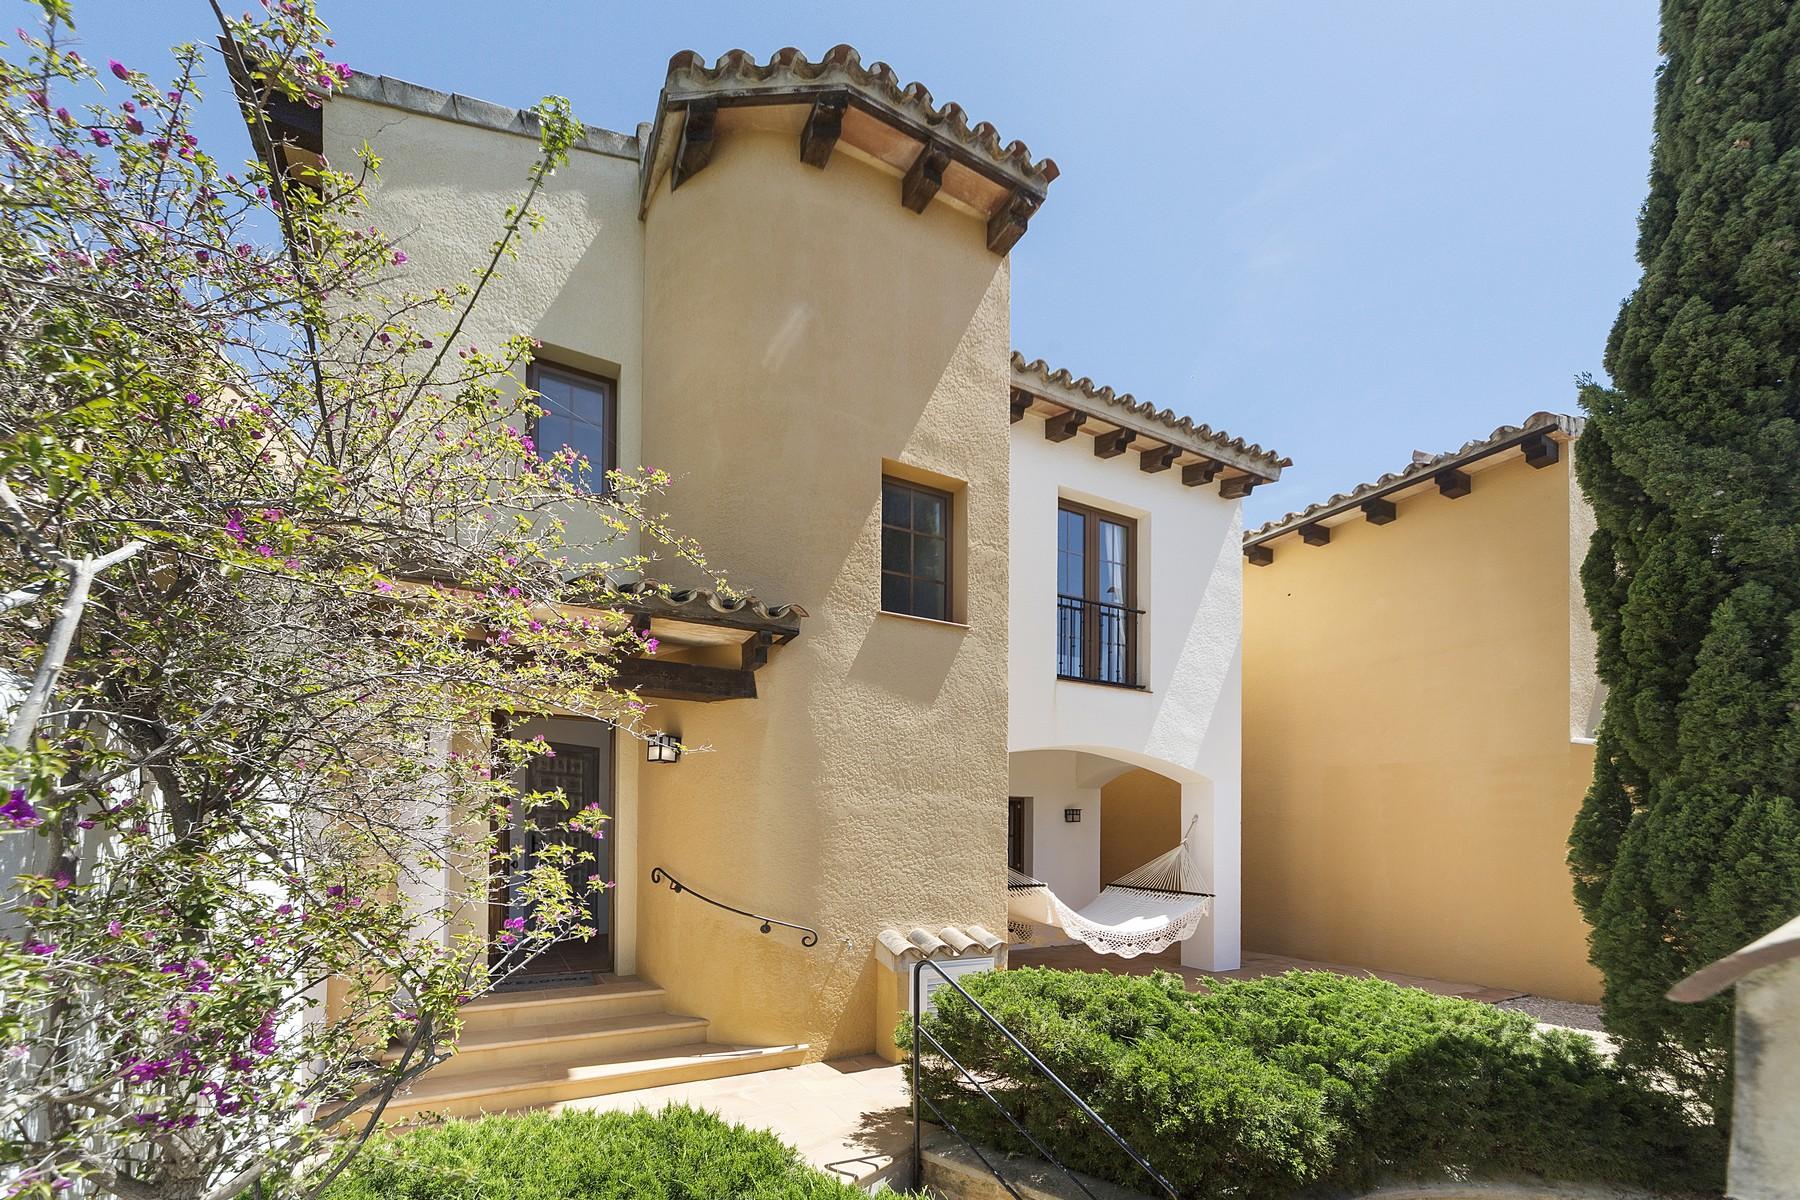 Einfamilienhaus für Verkauf beim Villa direkt am Golfplatz Santa Ponsa zum Verkauf Santa Ponsa, Mallorca, Spanien